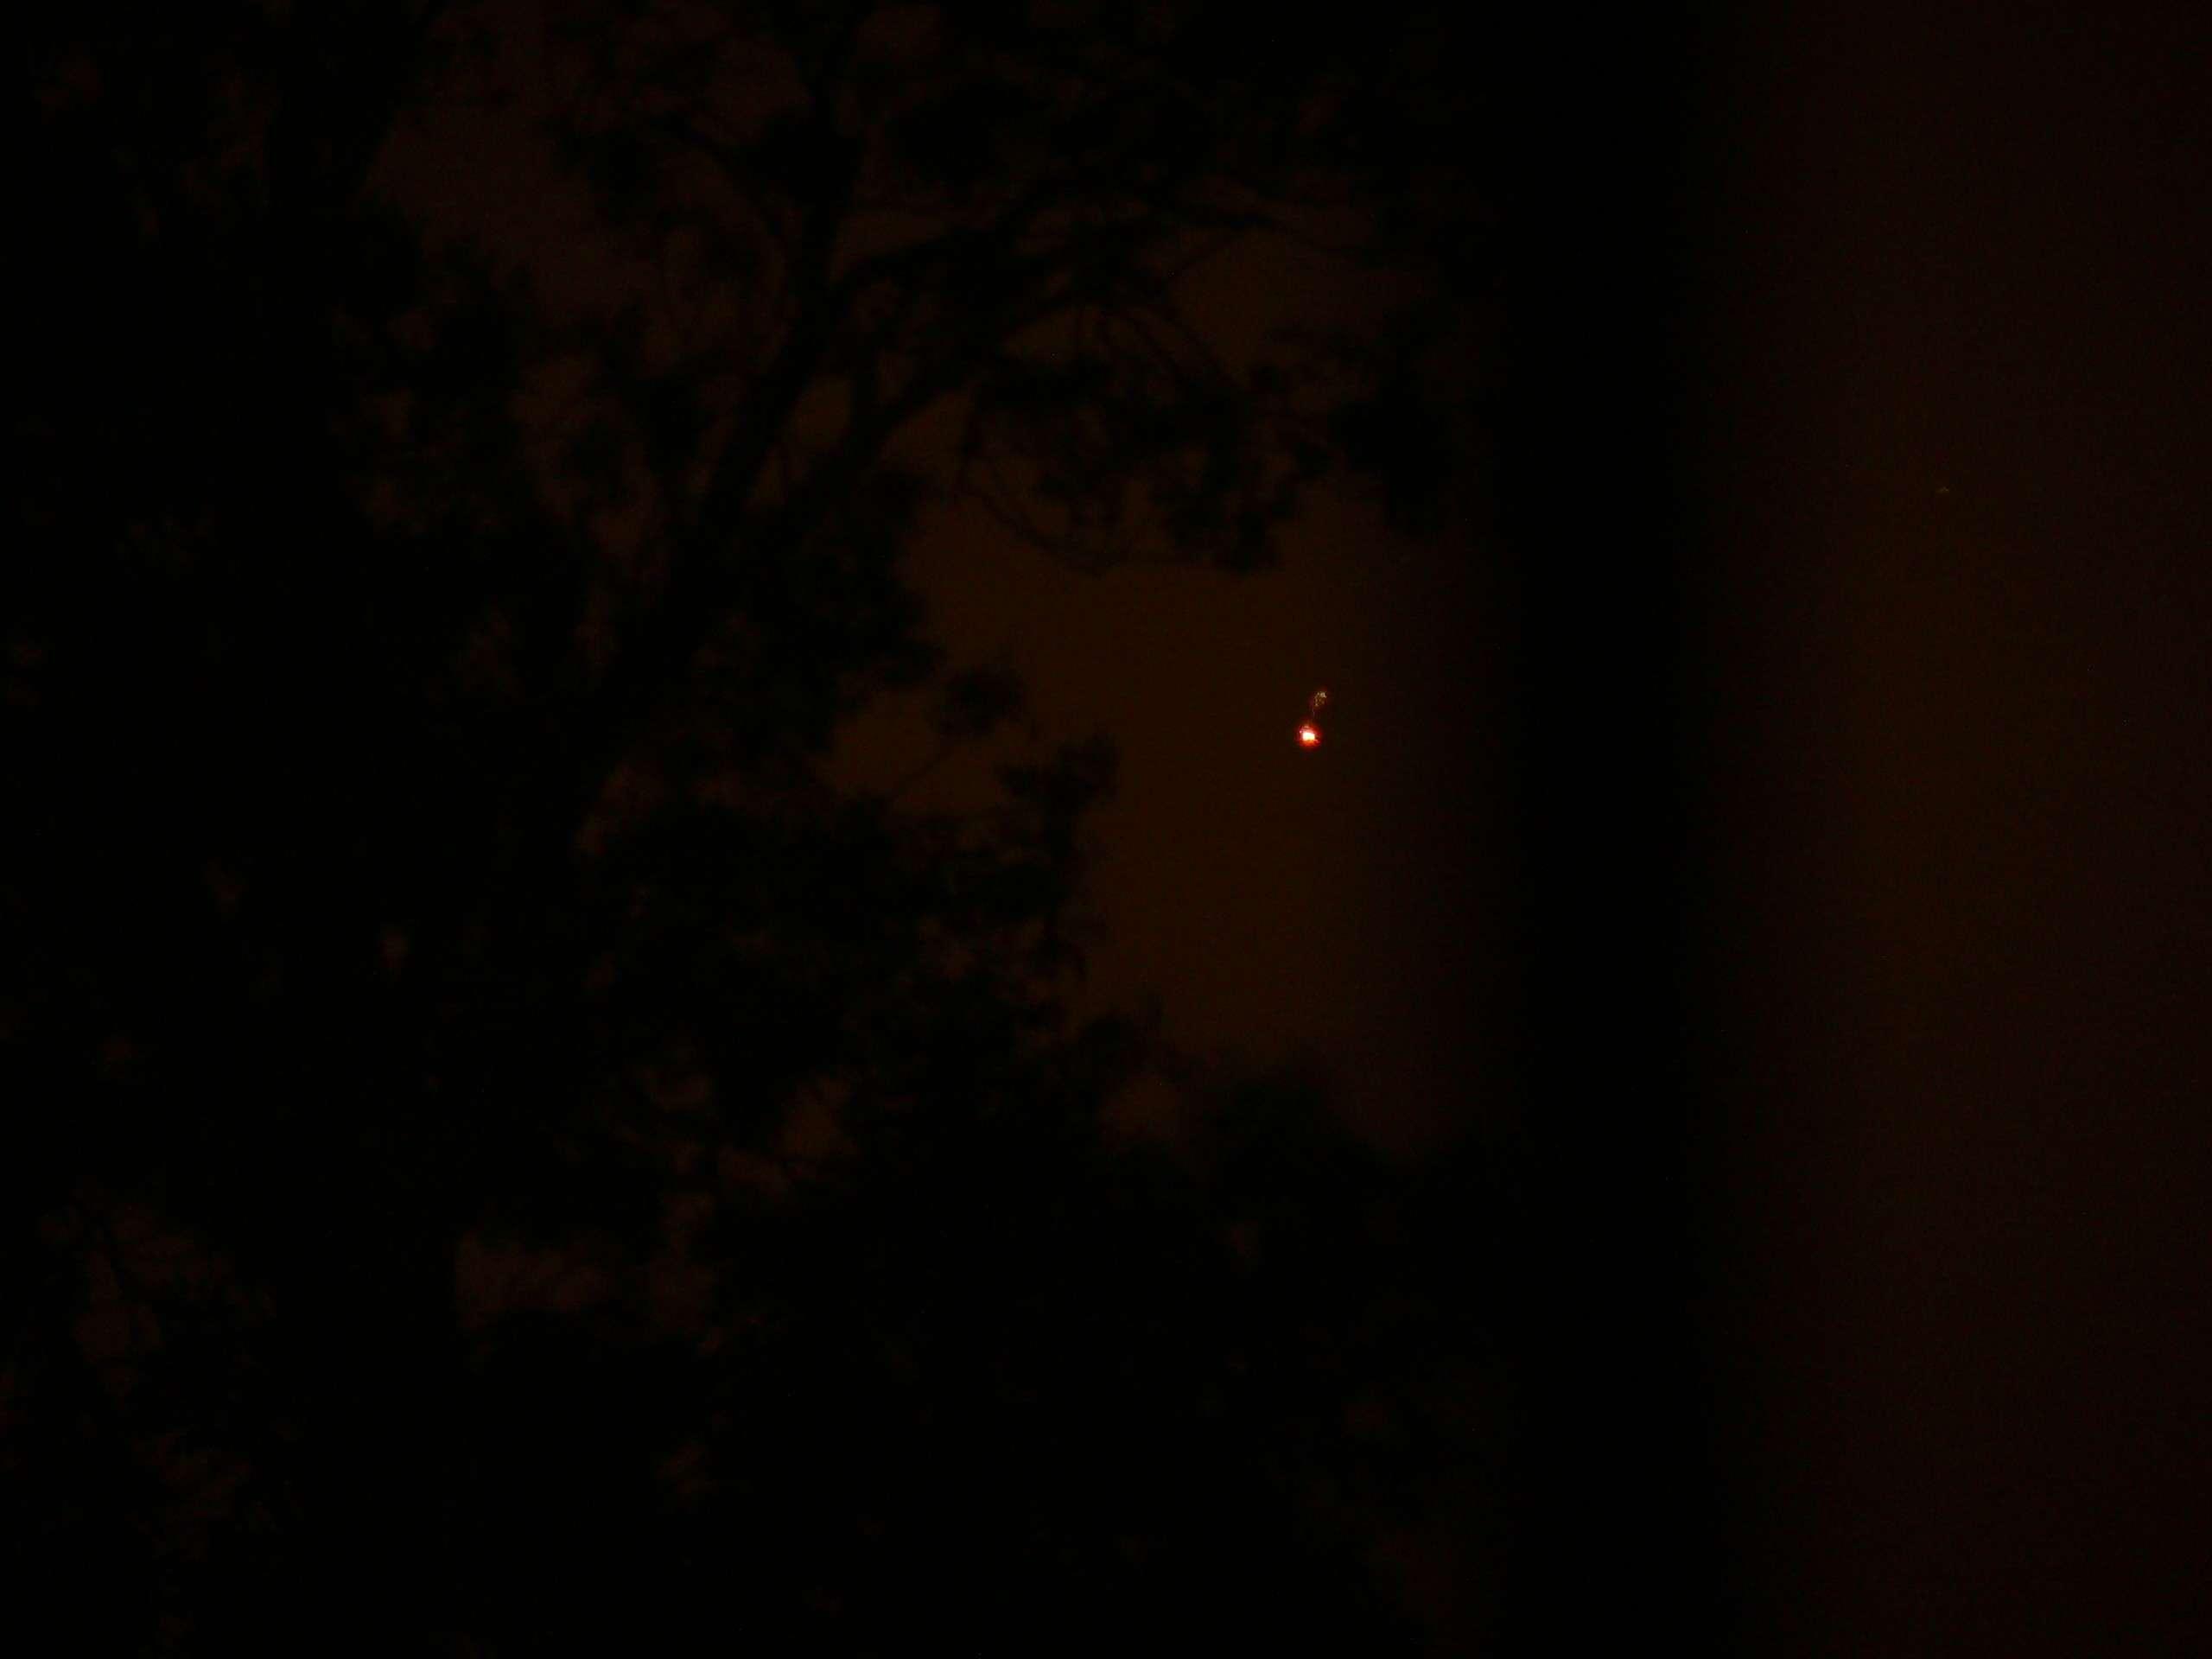 Plateau de Saclay (91) nuit du 24 au 25 mai 2011 : lumières mouvantes - Page 2 P1200419